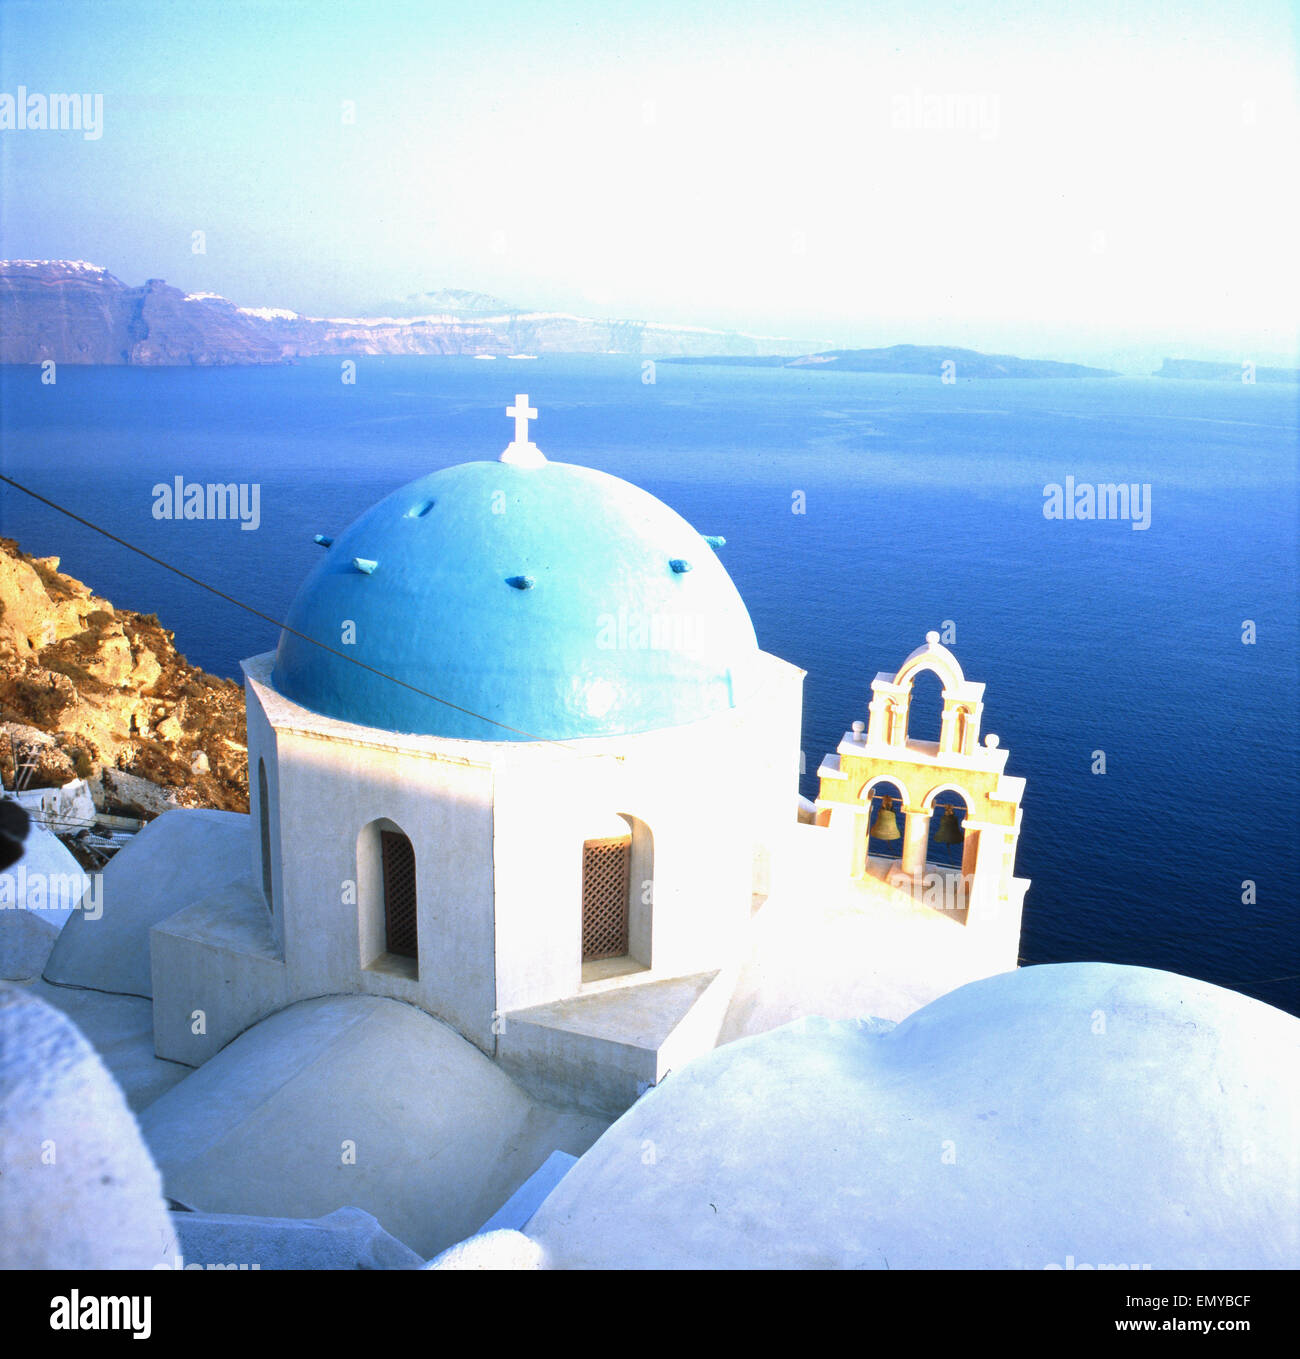 Eine Reise nach Santorin, Griechenland 1980er Jahre. Trip to Santorin, Greece 1980s. - Stock Image